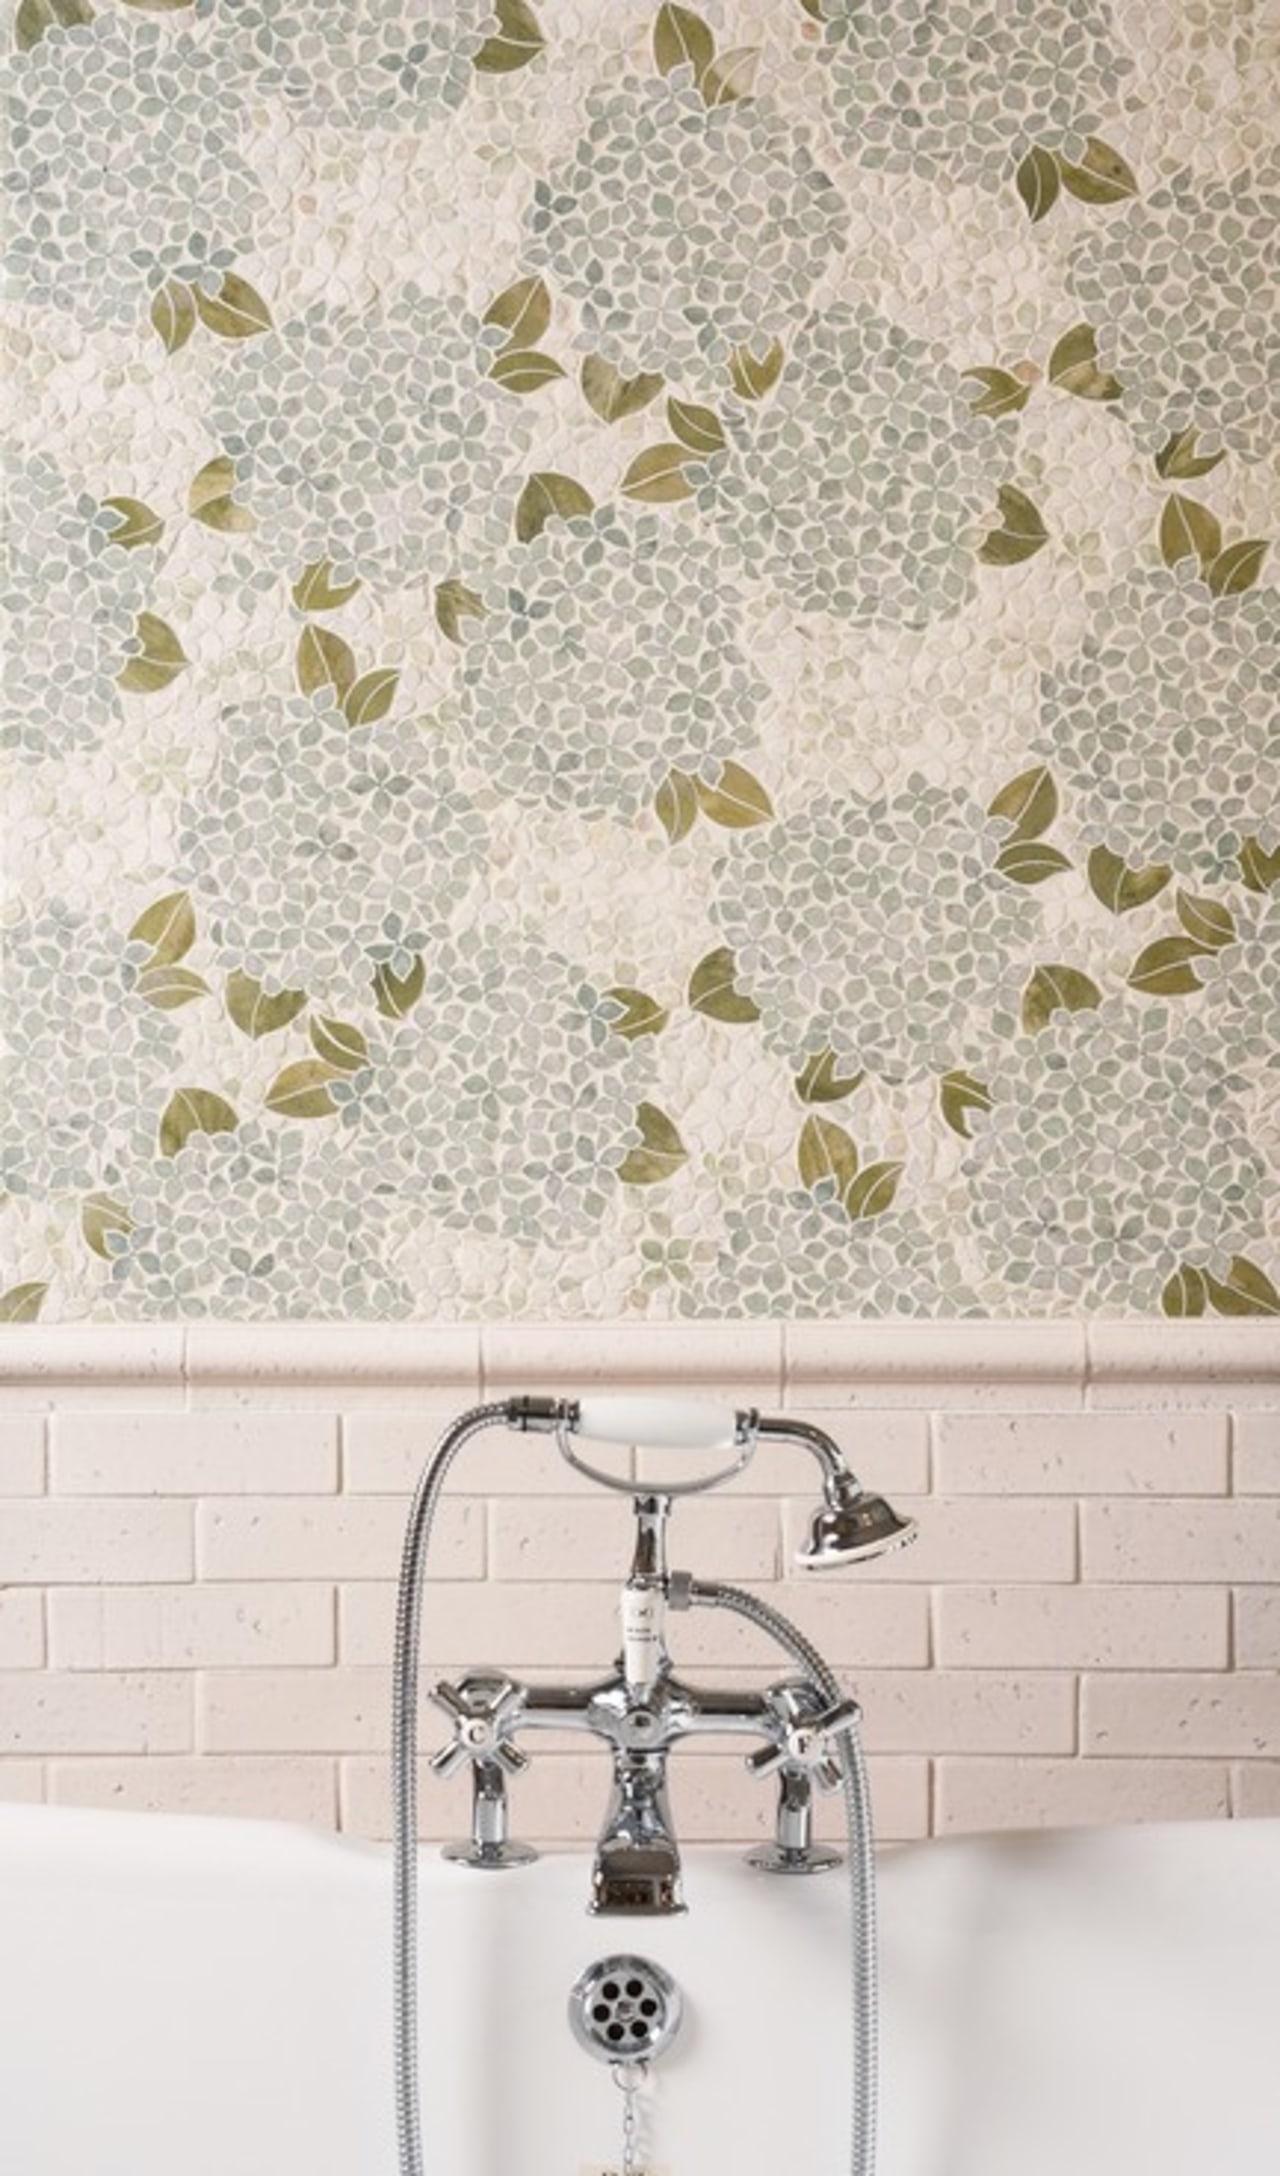 Hydrangea interior design, tile, wall, wallpaper, white